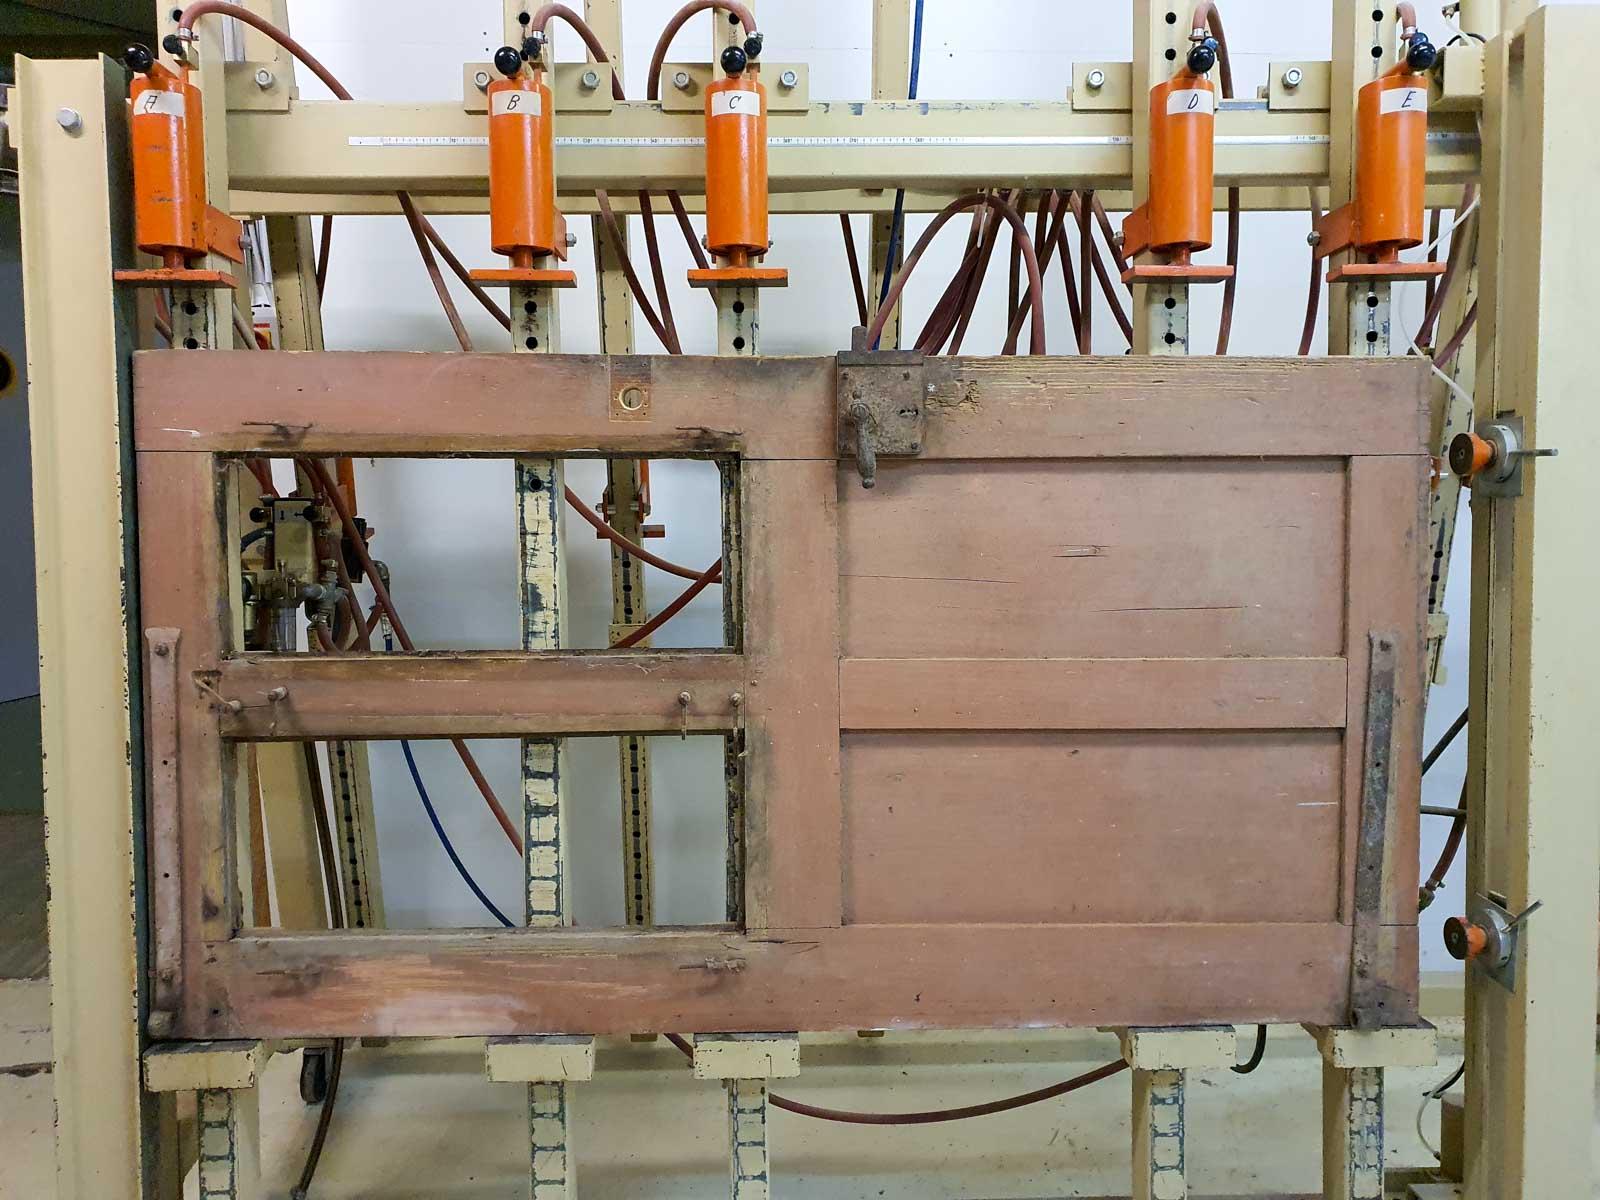 Wooddesign_Raumtrenner_Schiebetüren_Altholz_Türe_rustikaler Schiebtürbeschlag in Schwarzstahl_modern (3)